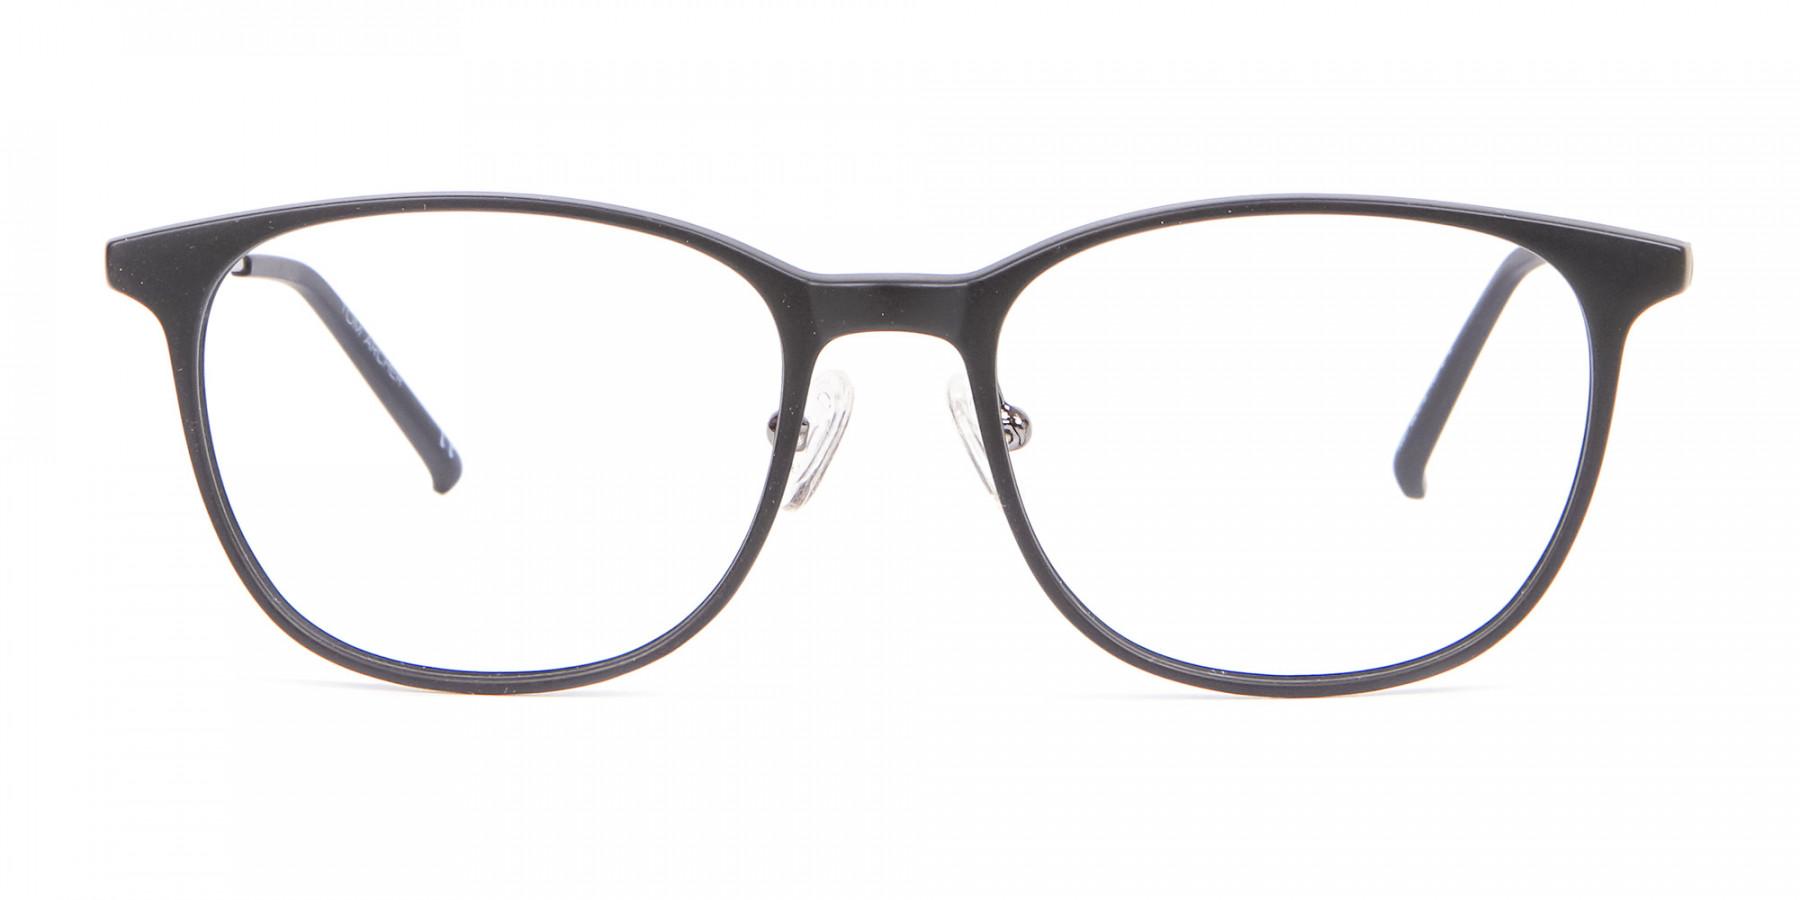 Matte Black Round Glasses, Eyeglasses